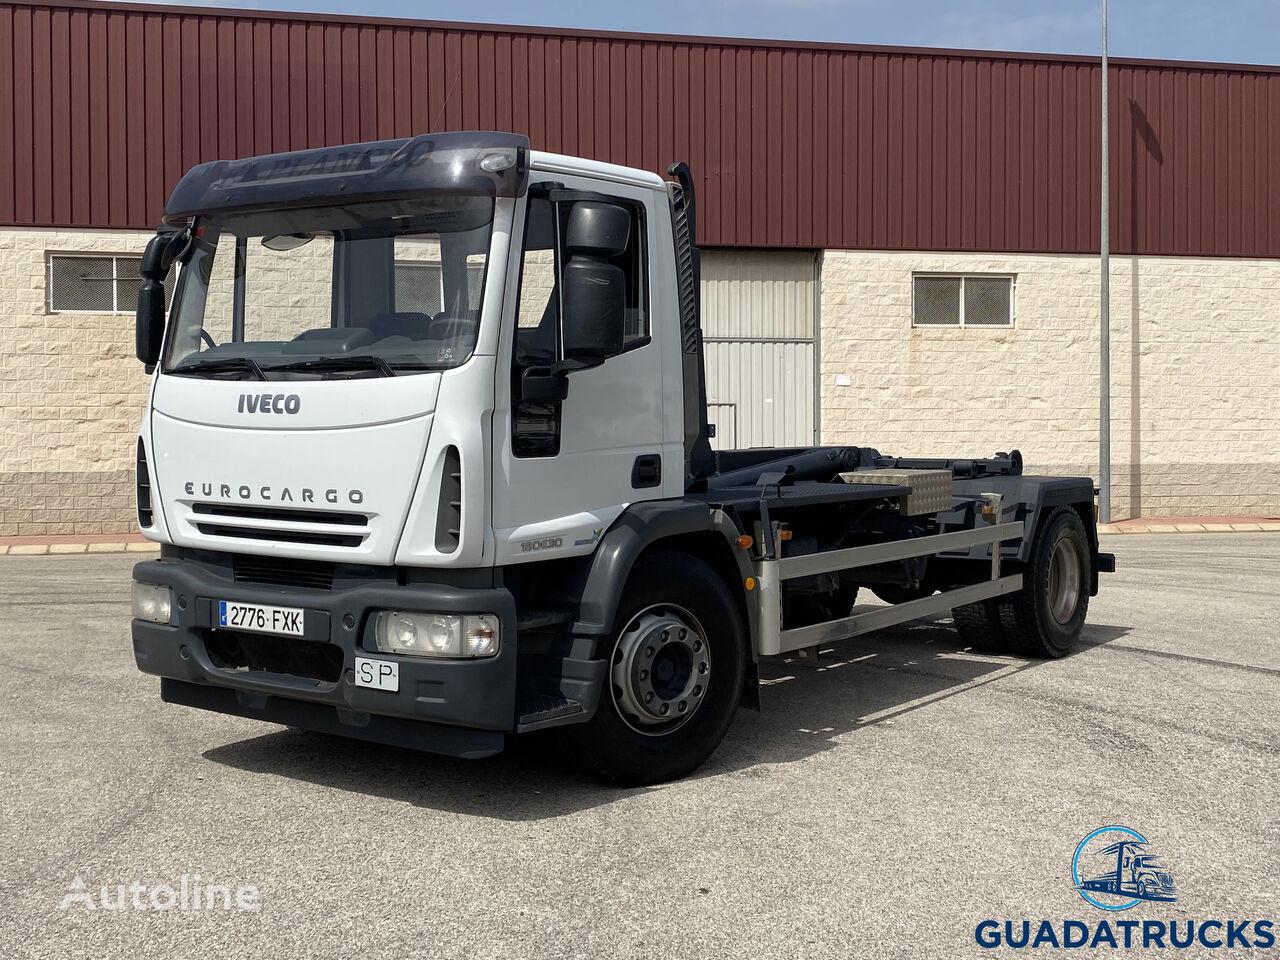 EUROCARGO 180E30 camión con gancho